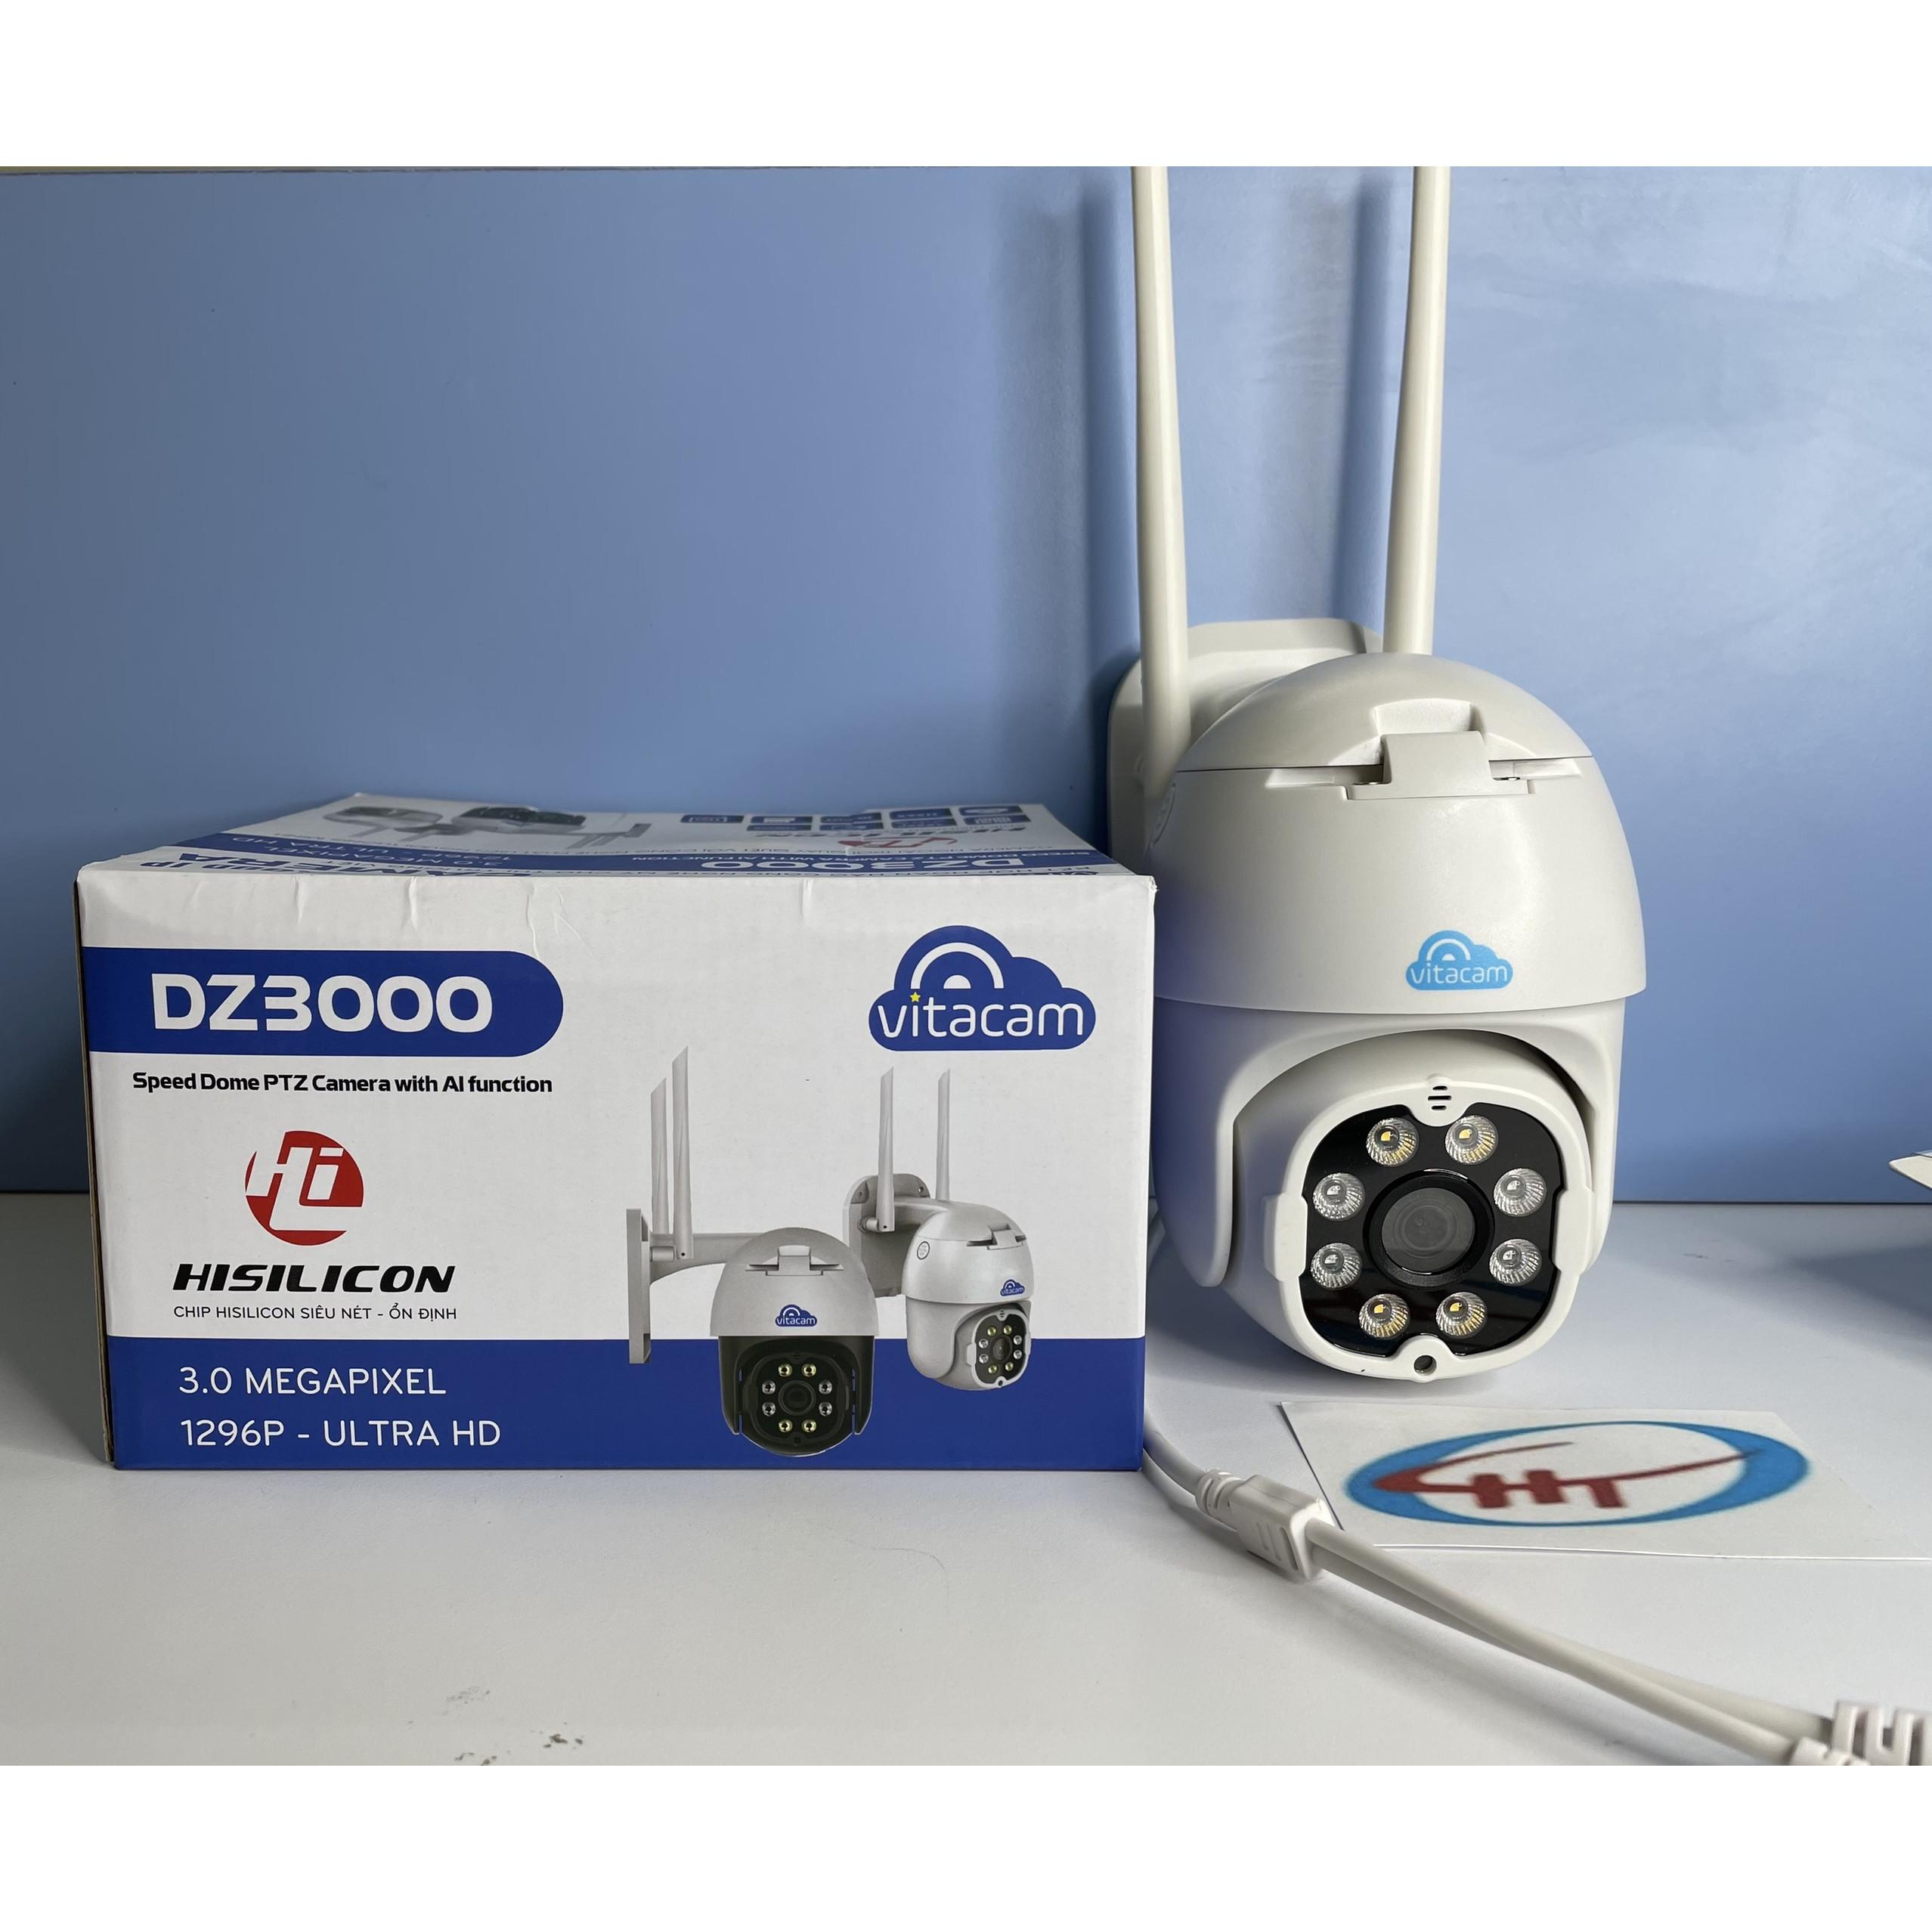 Camera Ip Wifi Ngoài Trời Vitacam DZ3000 3.0MPx,KÈM THẺ NHỚ 64G- Hàng Chính Hãng